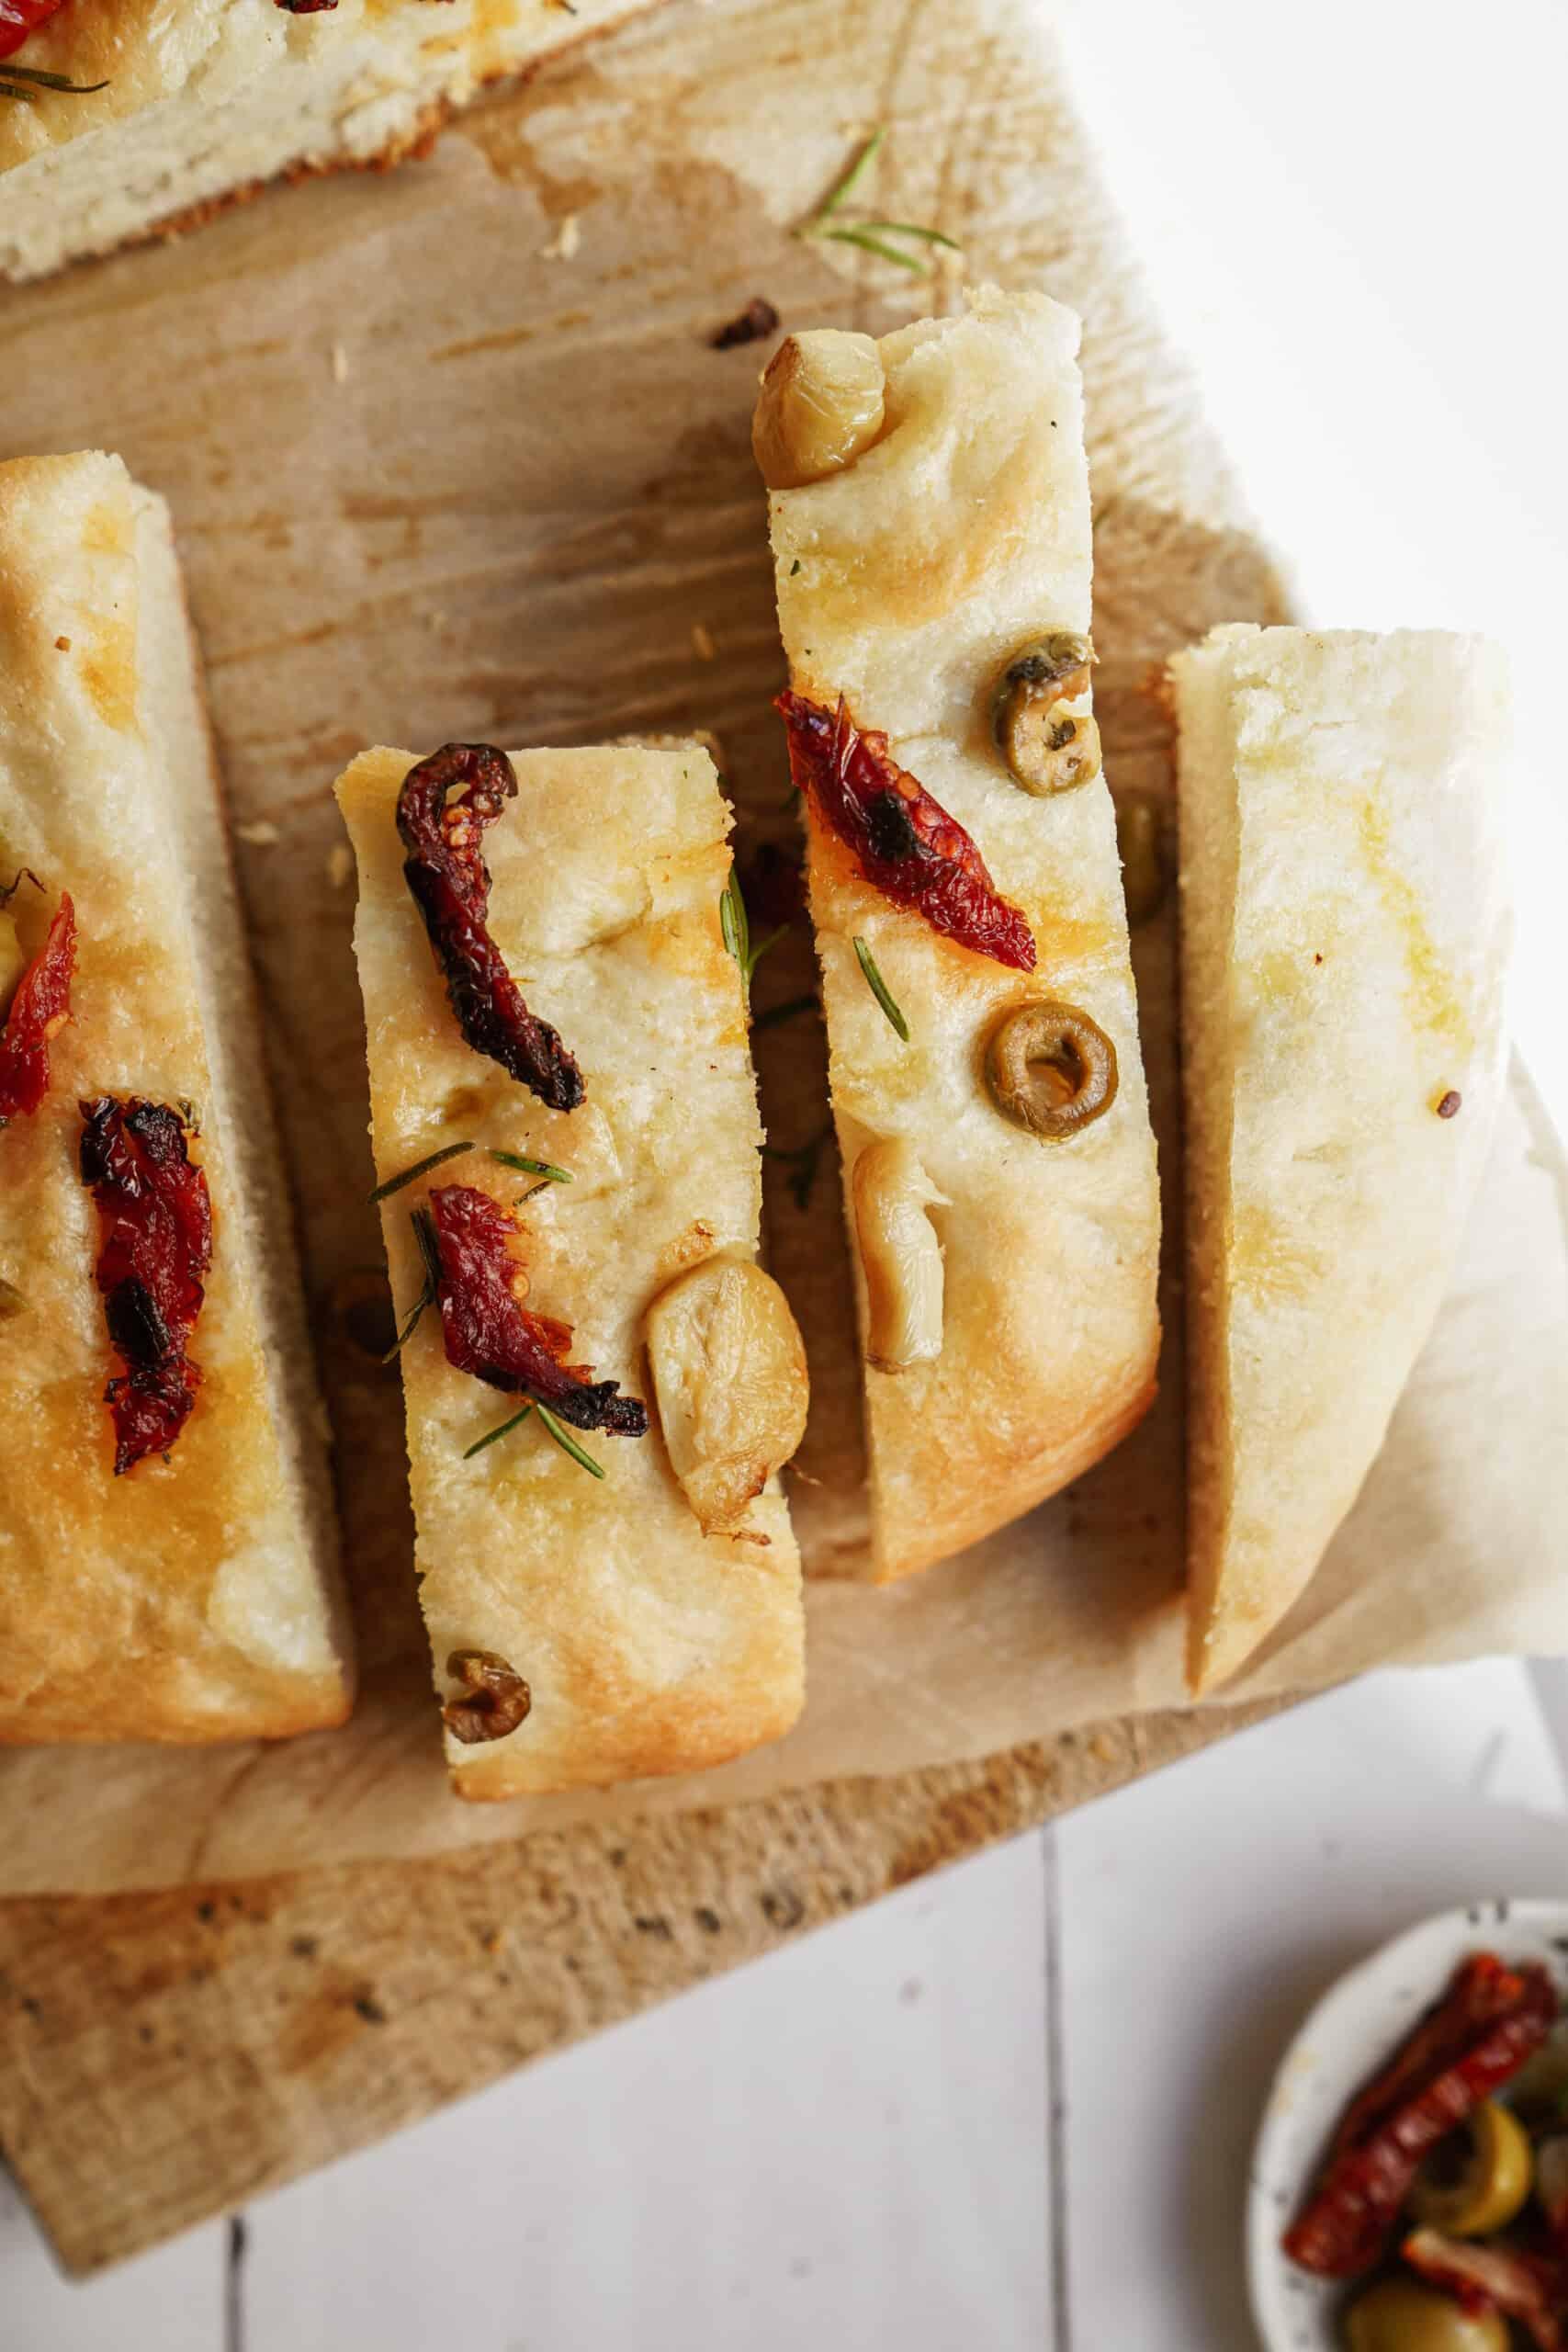 Focaccia Bread Recipe on cutting board